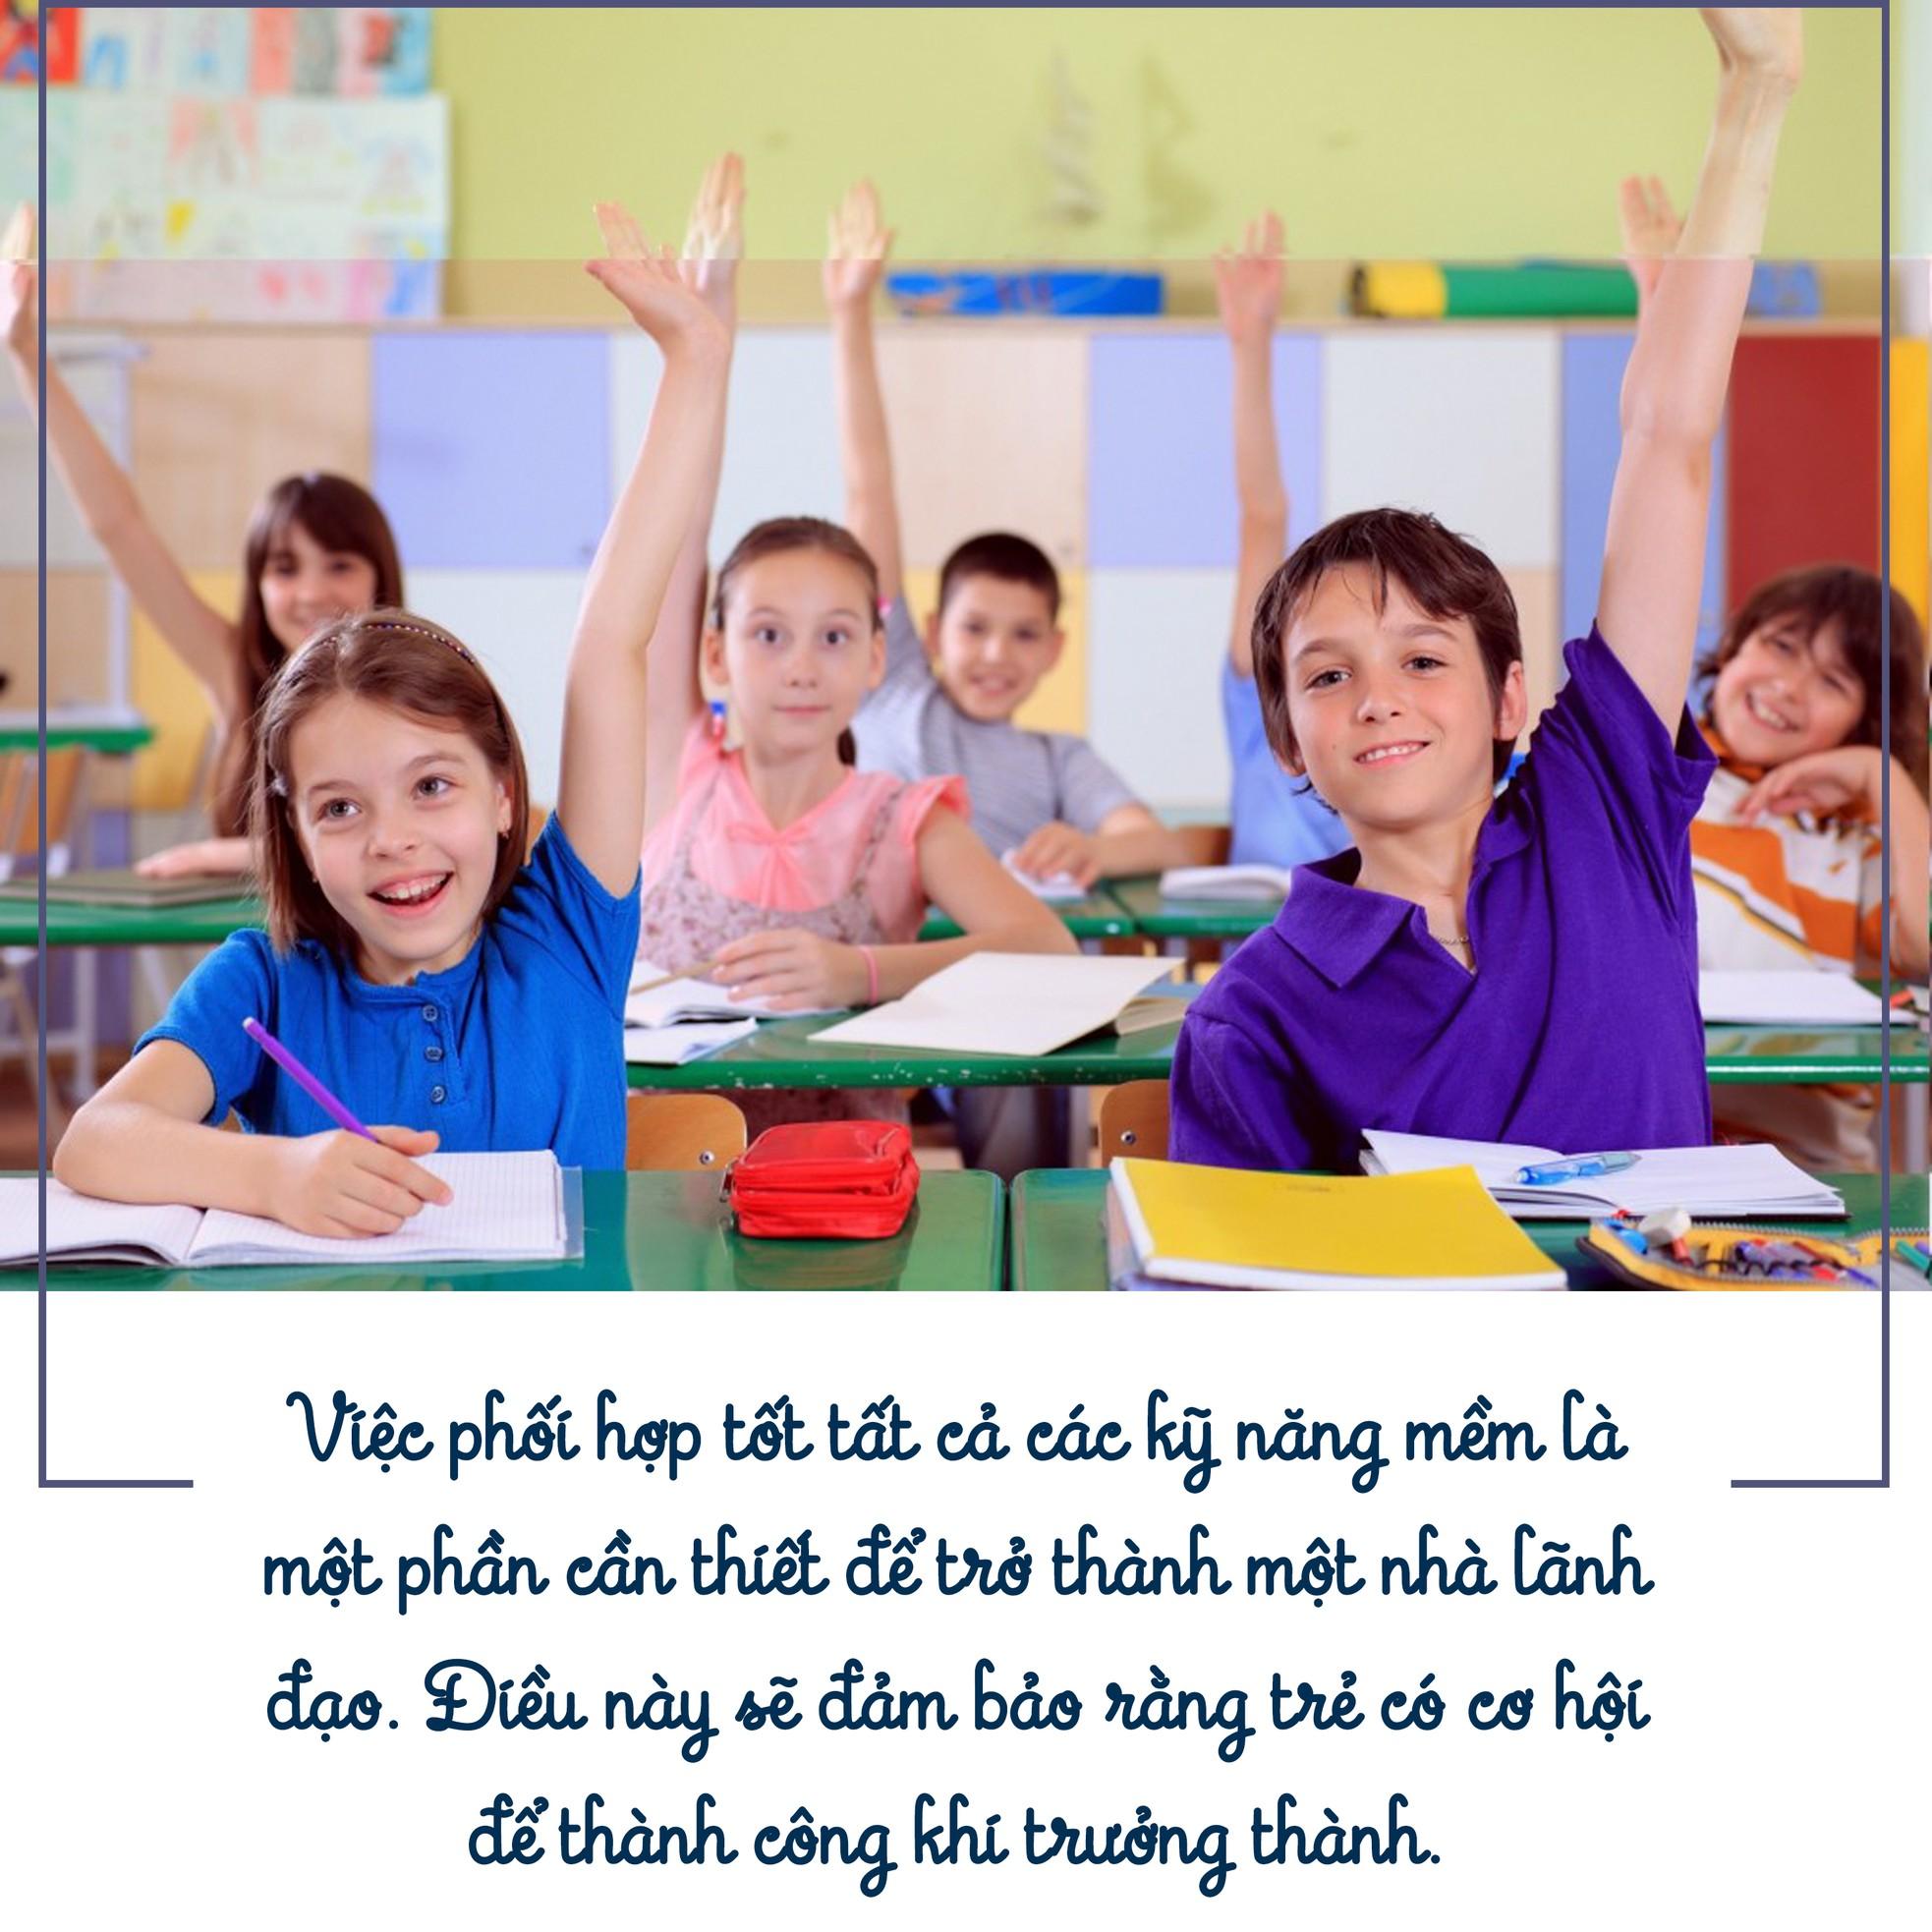 Tại sao các kỹ năng mềm quan trọng đối với trẻ? ảnh 4